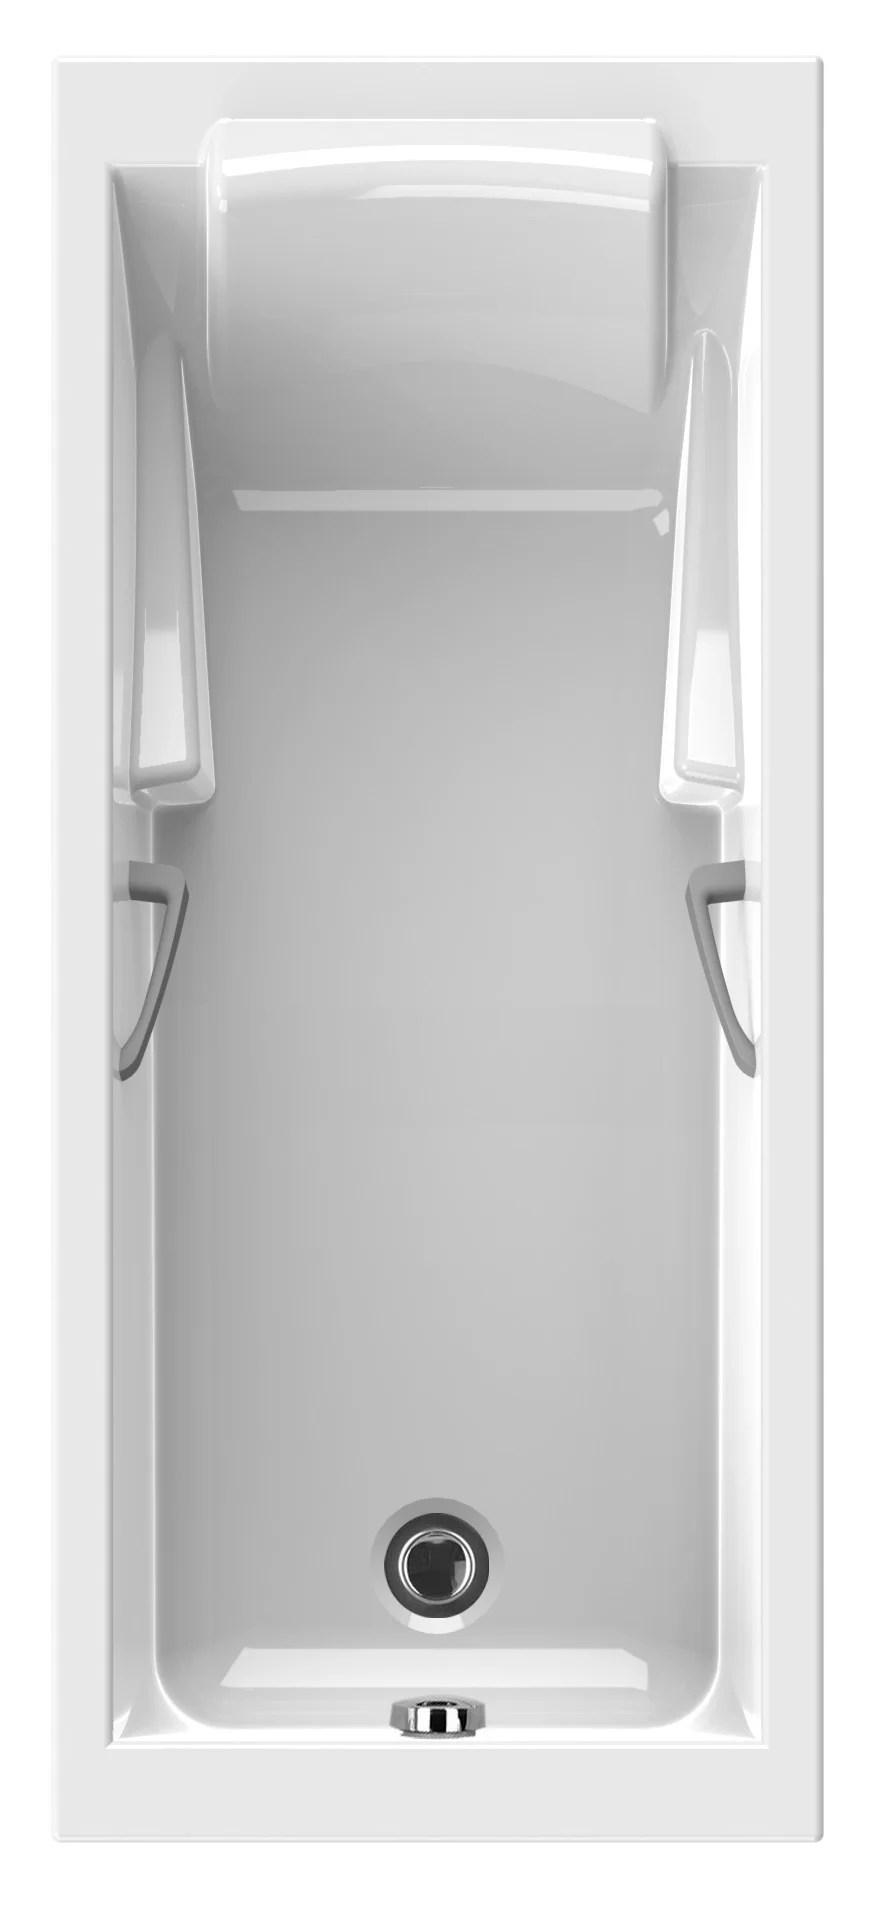 baignoire rectangulaire l 170x l 70 cm blanc sensea premium confort